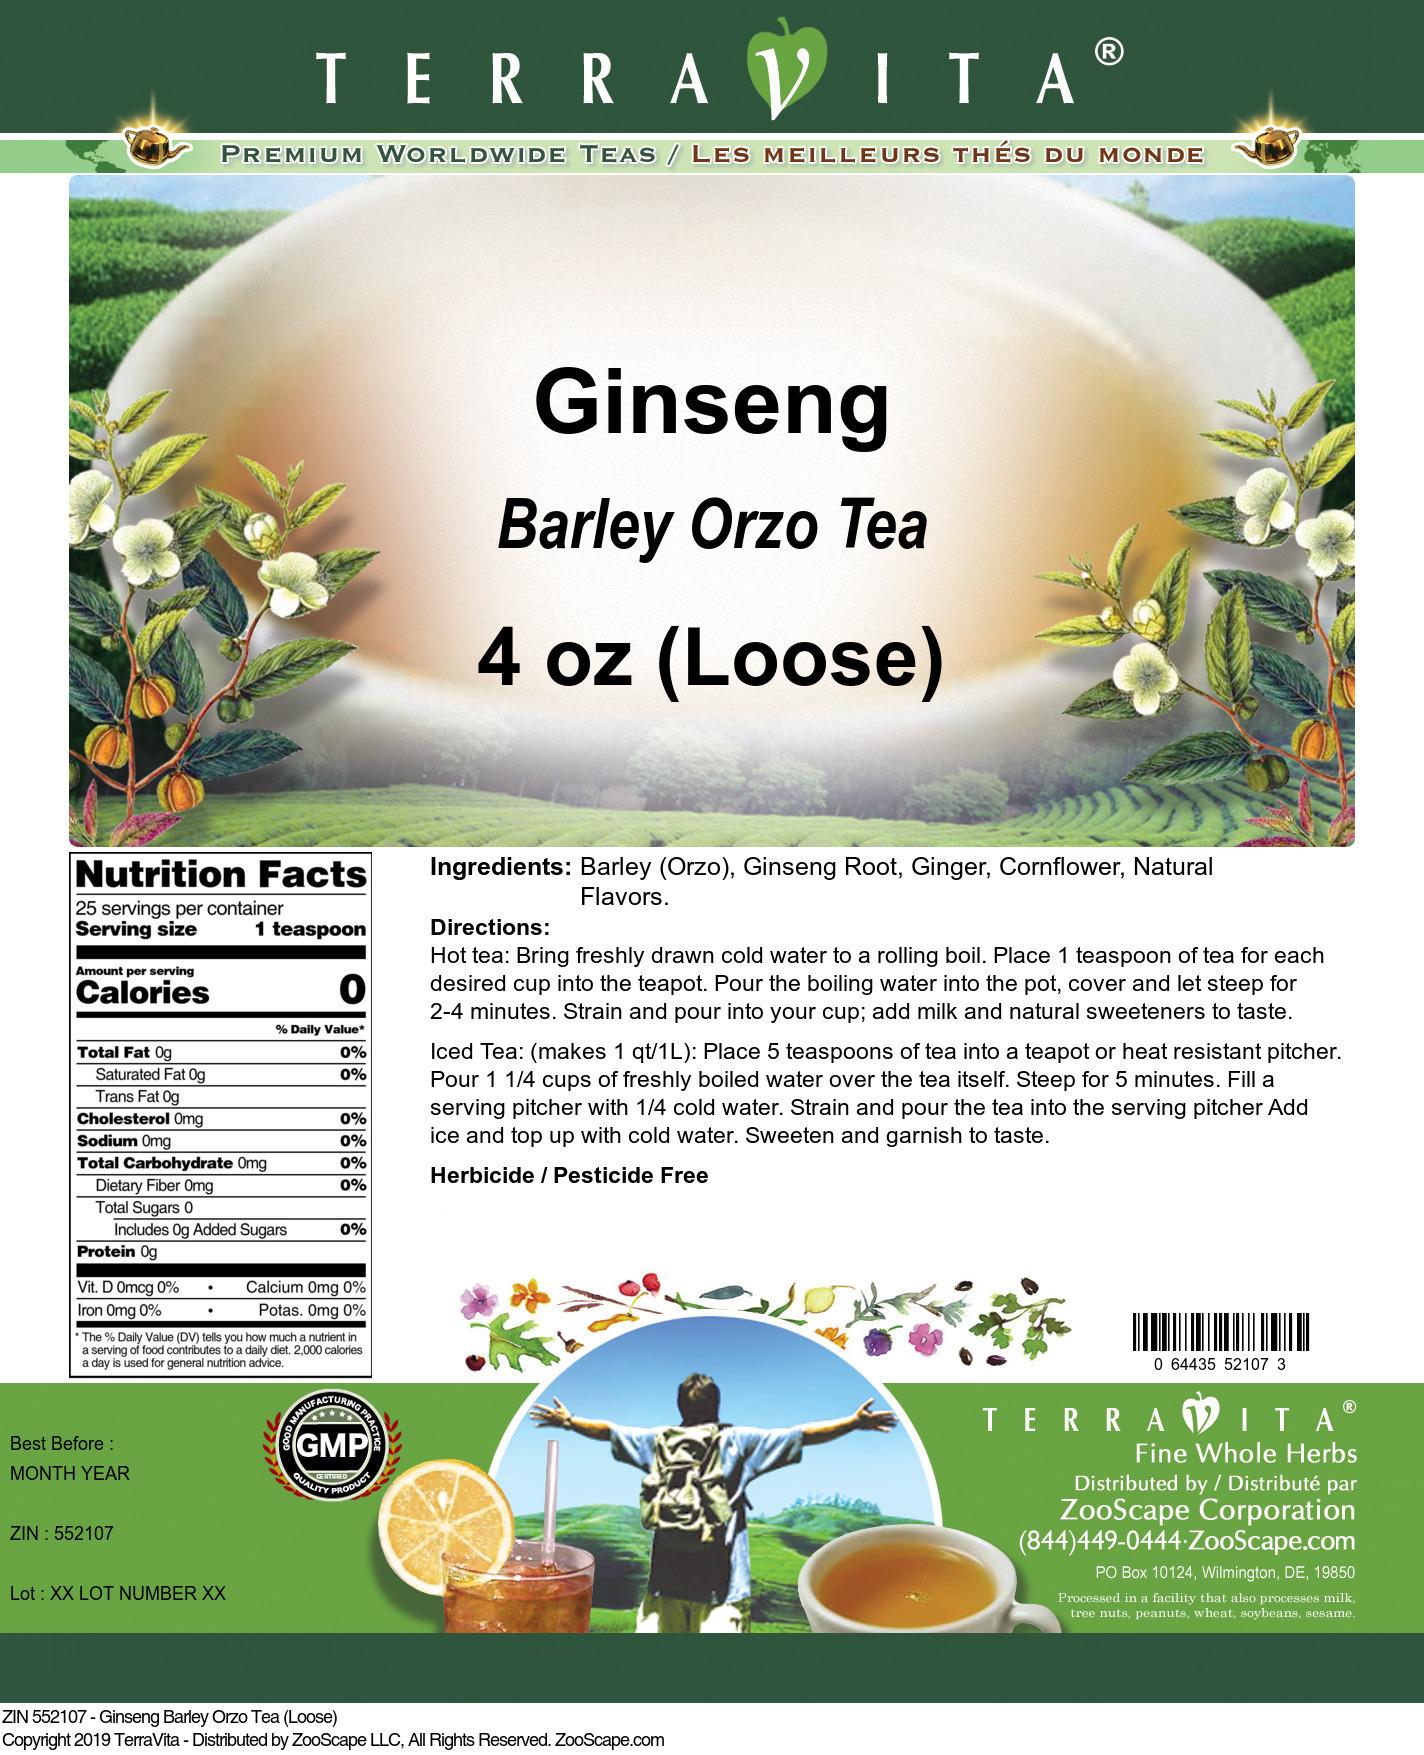 Ginseng Barley Orzo Tea (Loose)